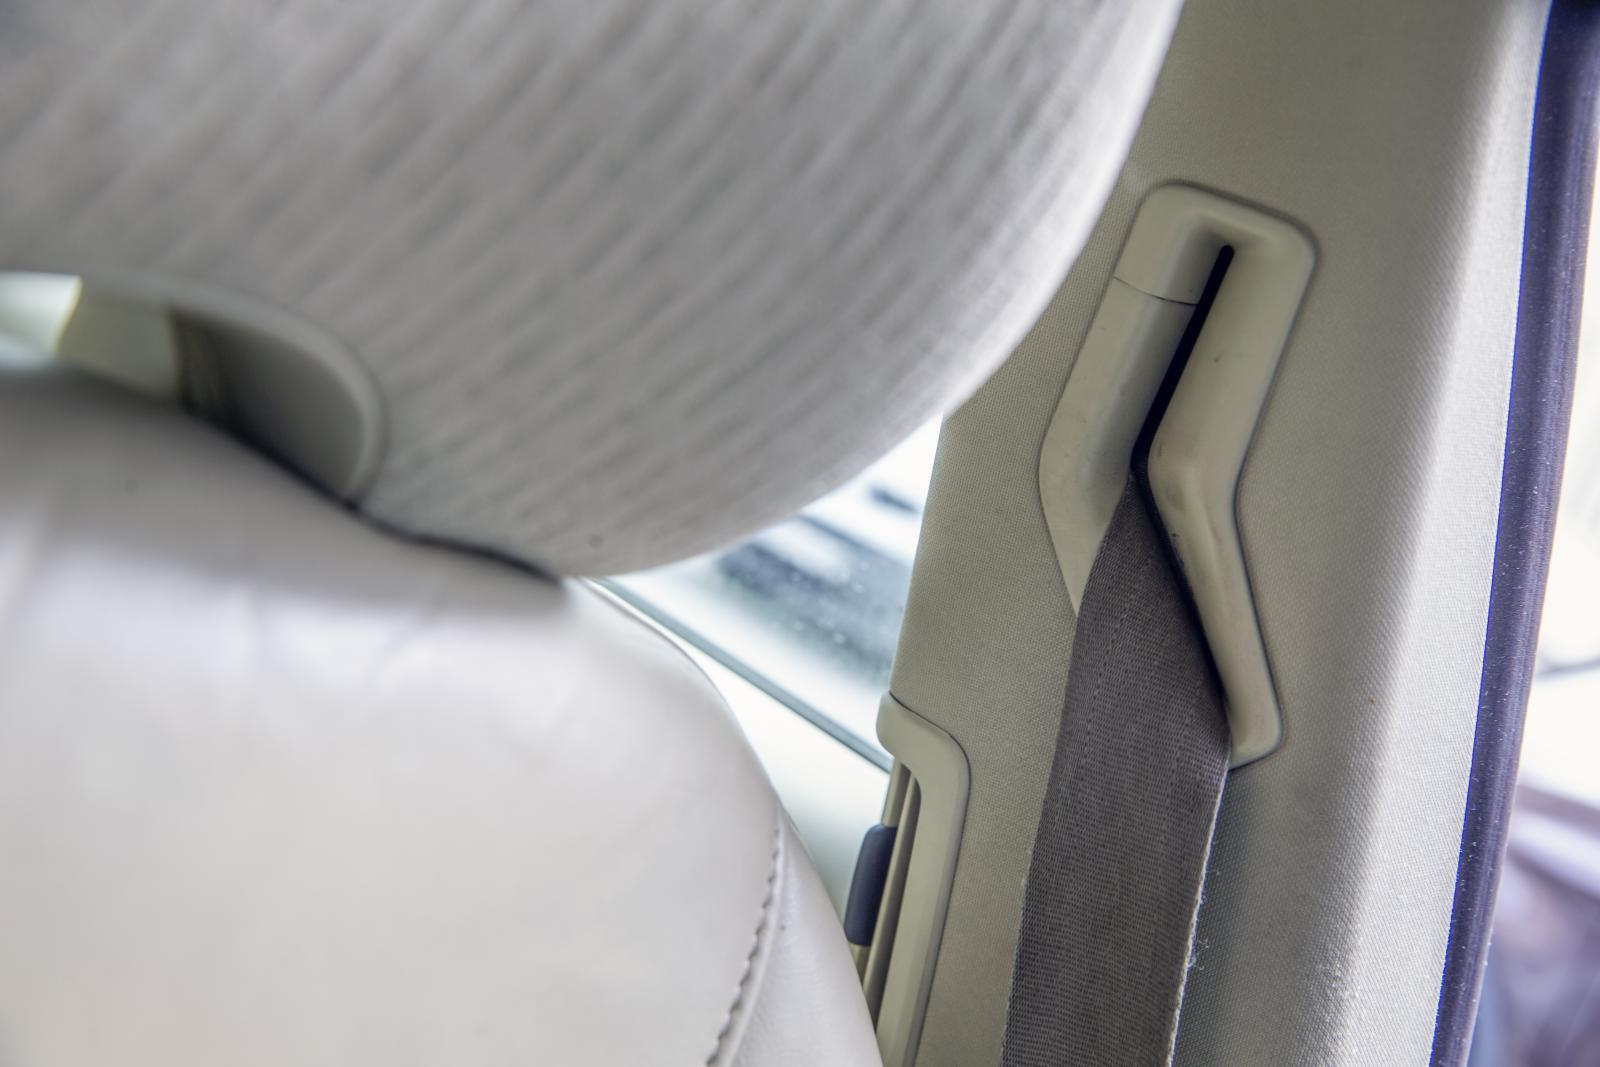 De berörda bilarna har ytterligare en bältessträckare vid bältesrullen i takstolpen.